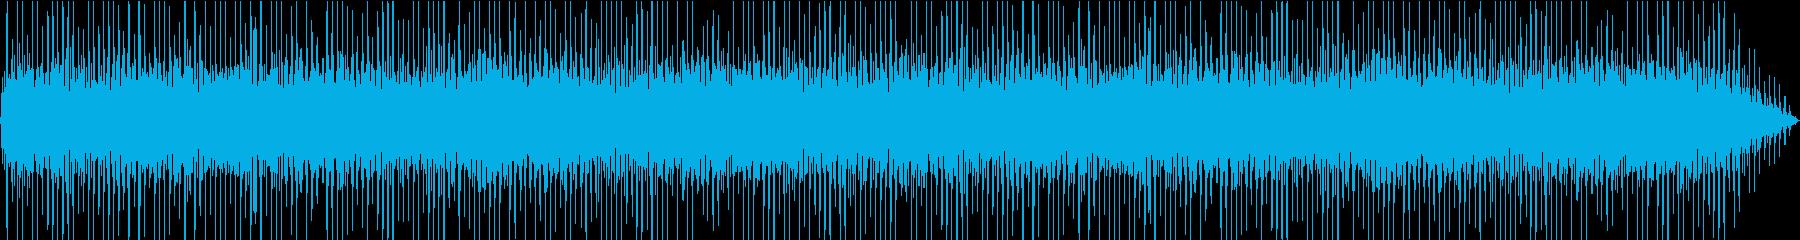 大型ファンの再生済みの波形